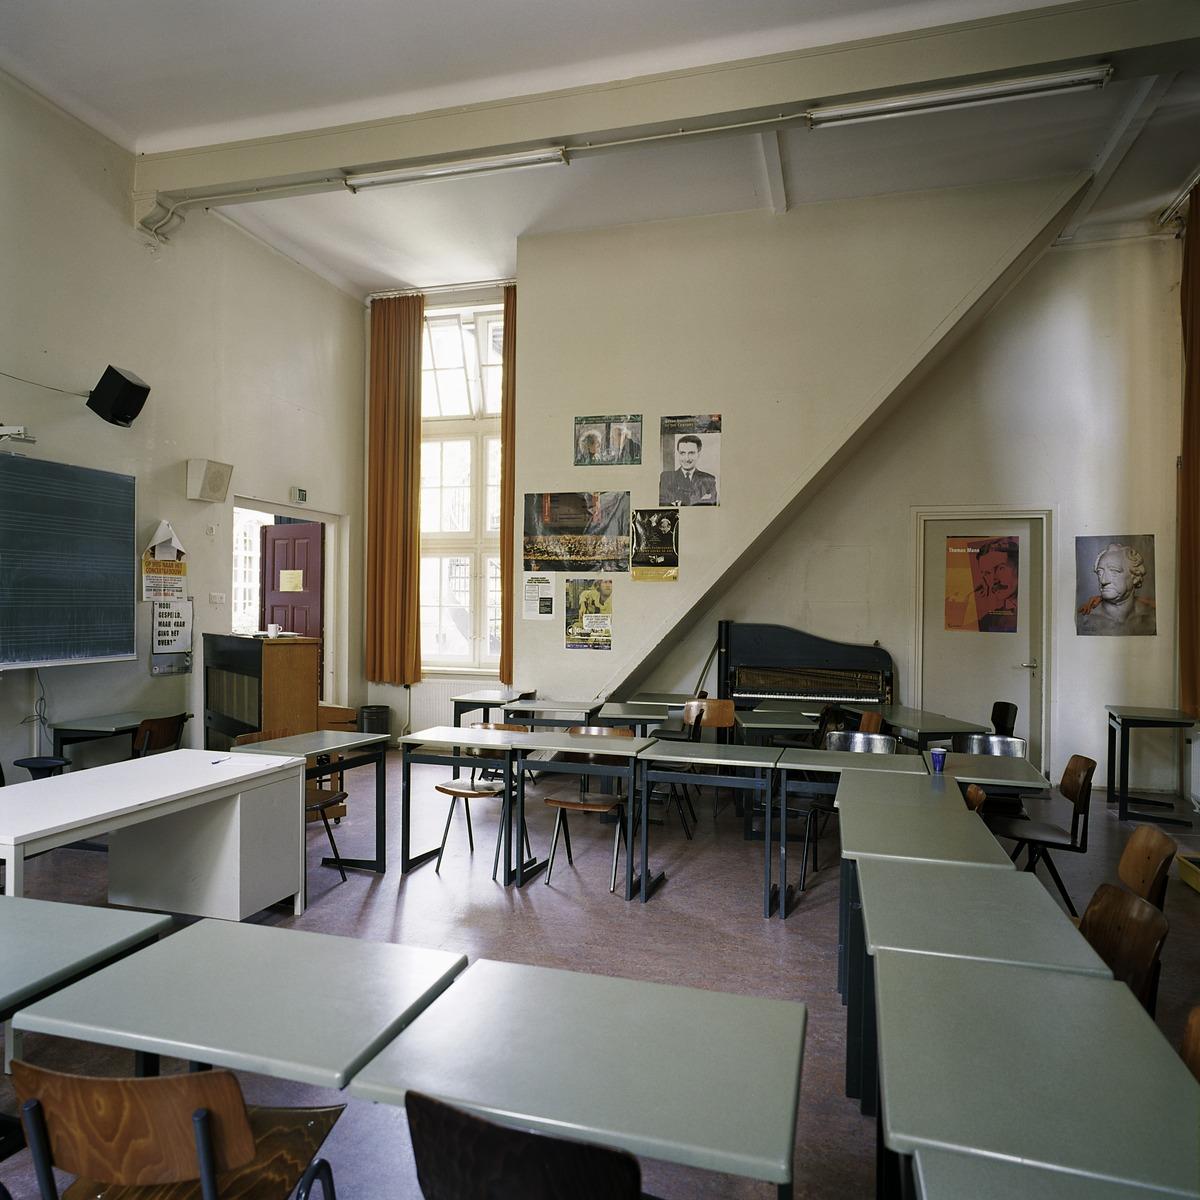 fileinterieur overzicht van een klaslokaal aan de voorzijde van de school